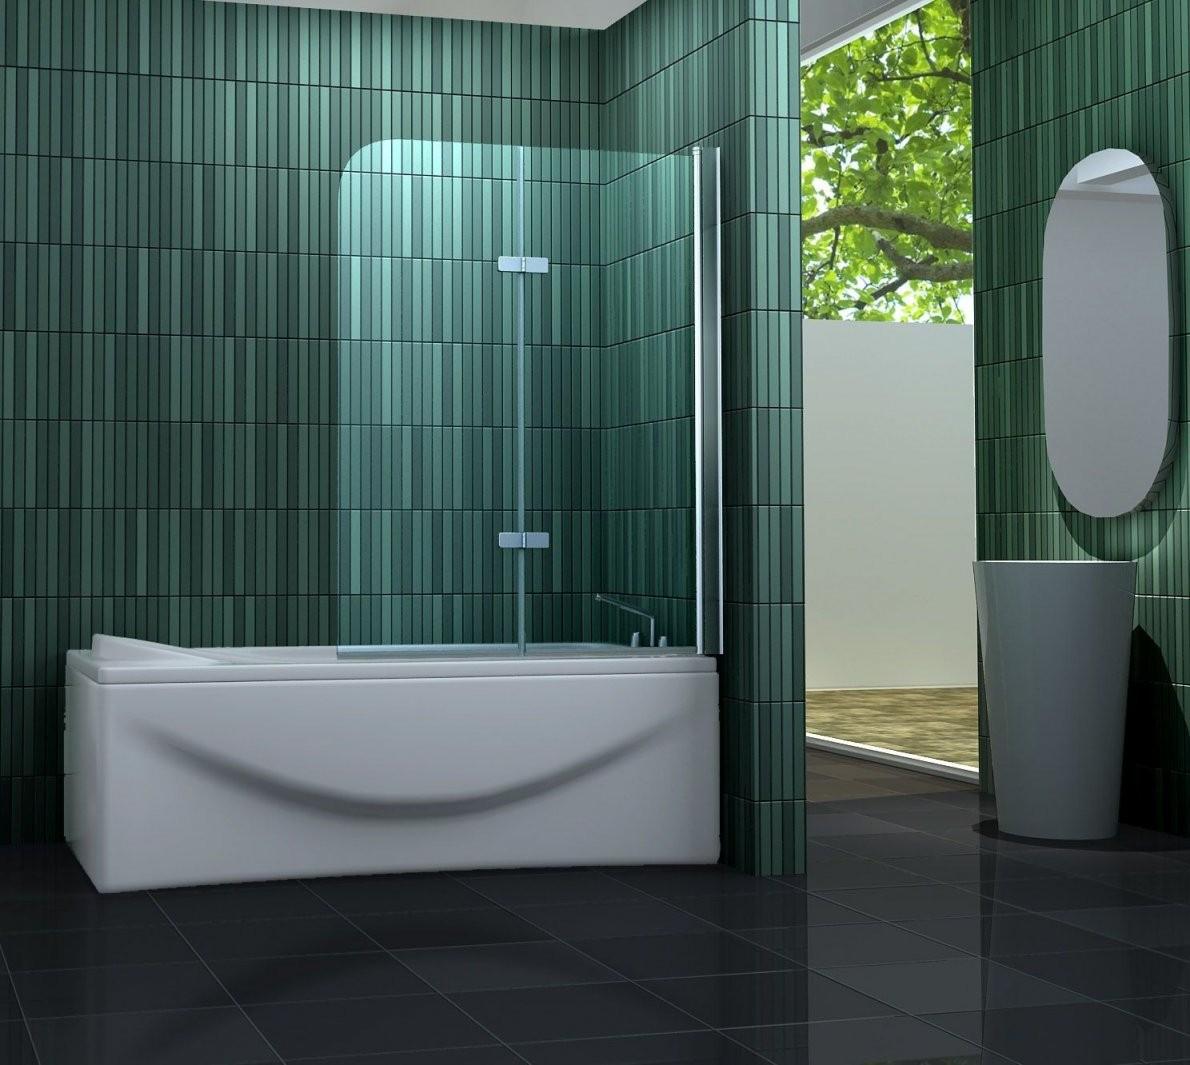 Duschtrennwand Two 100 X 140 Cm (Badewanne) von Duschwand Glas Für Badewanne Photo